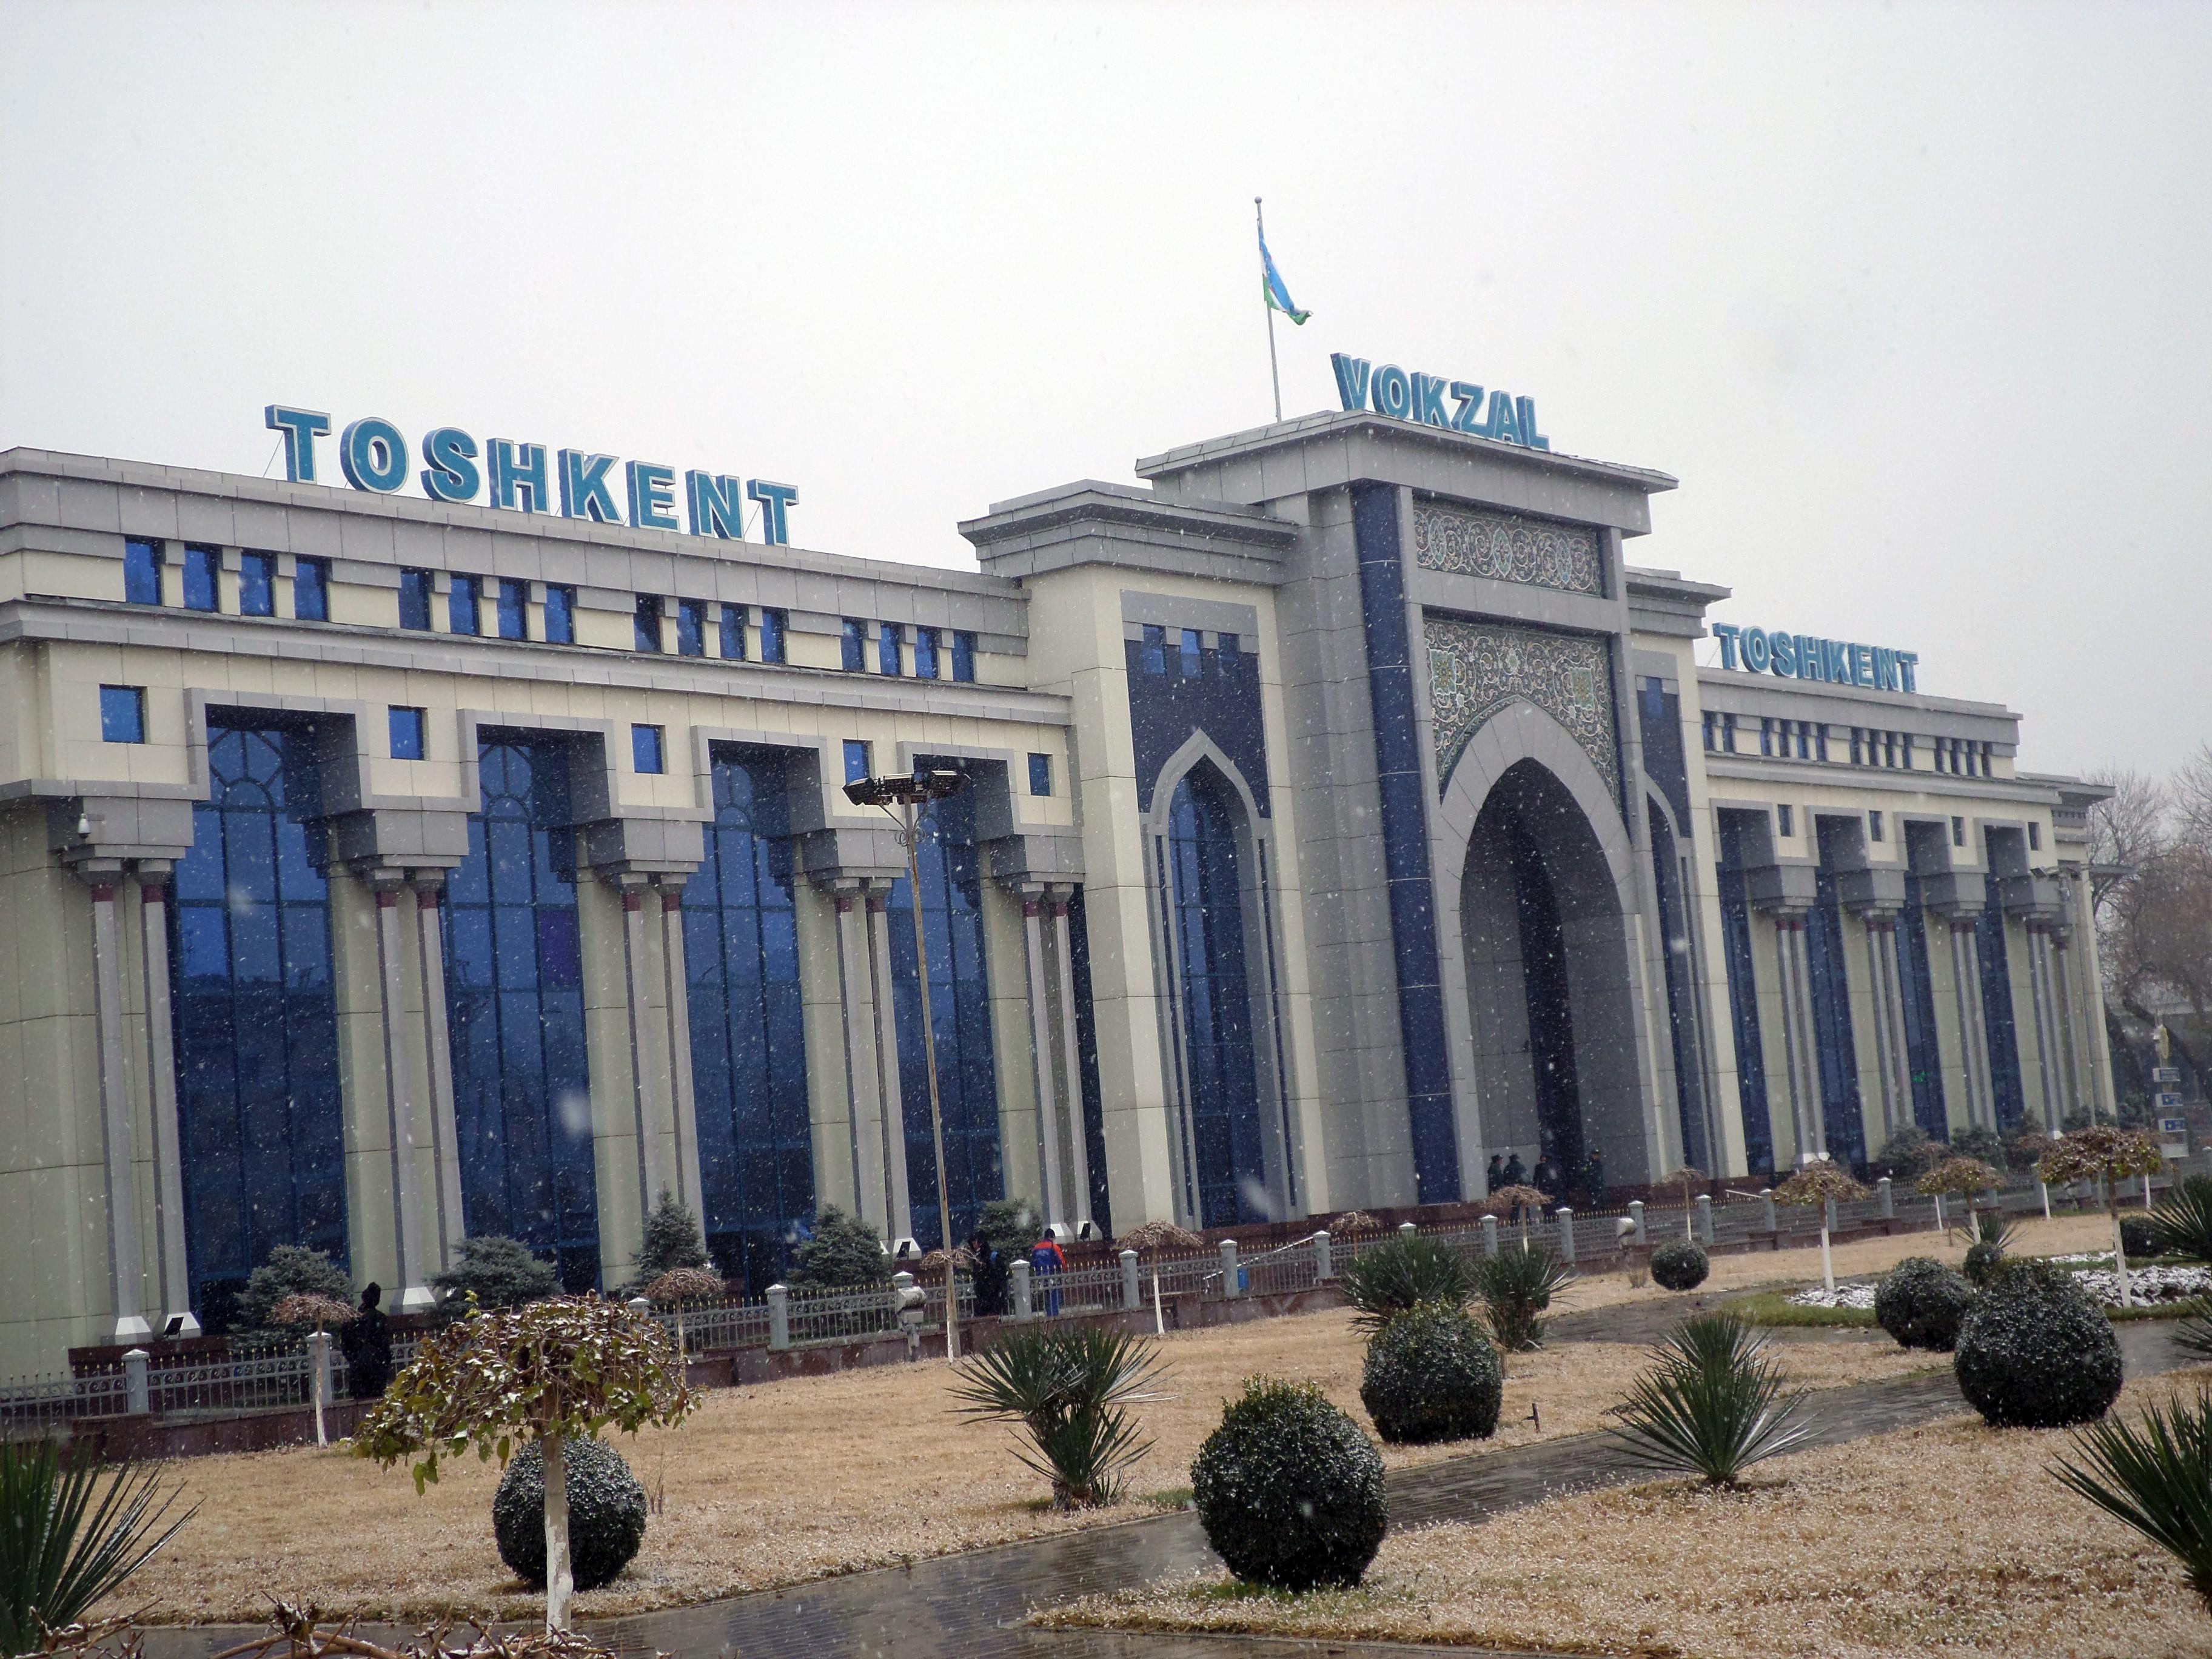 ウズベキスタン基本情報 【交通手段編】